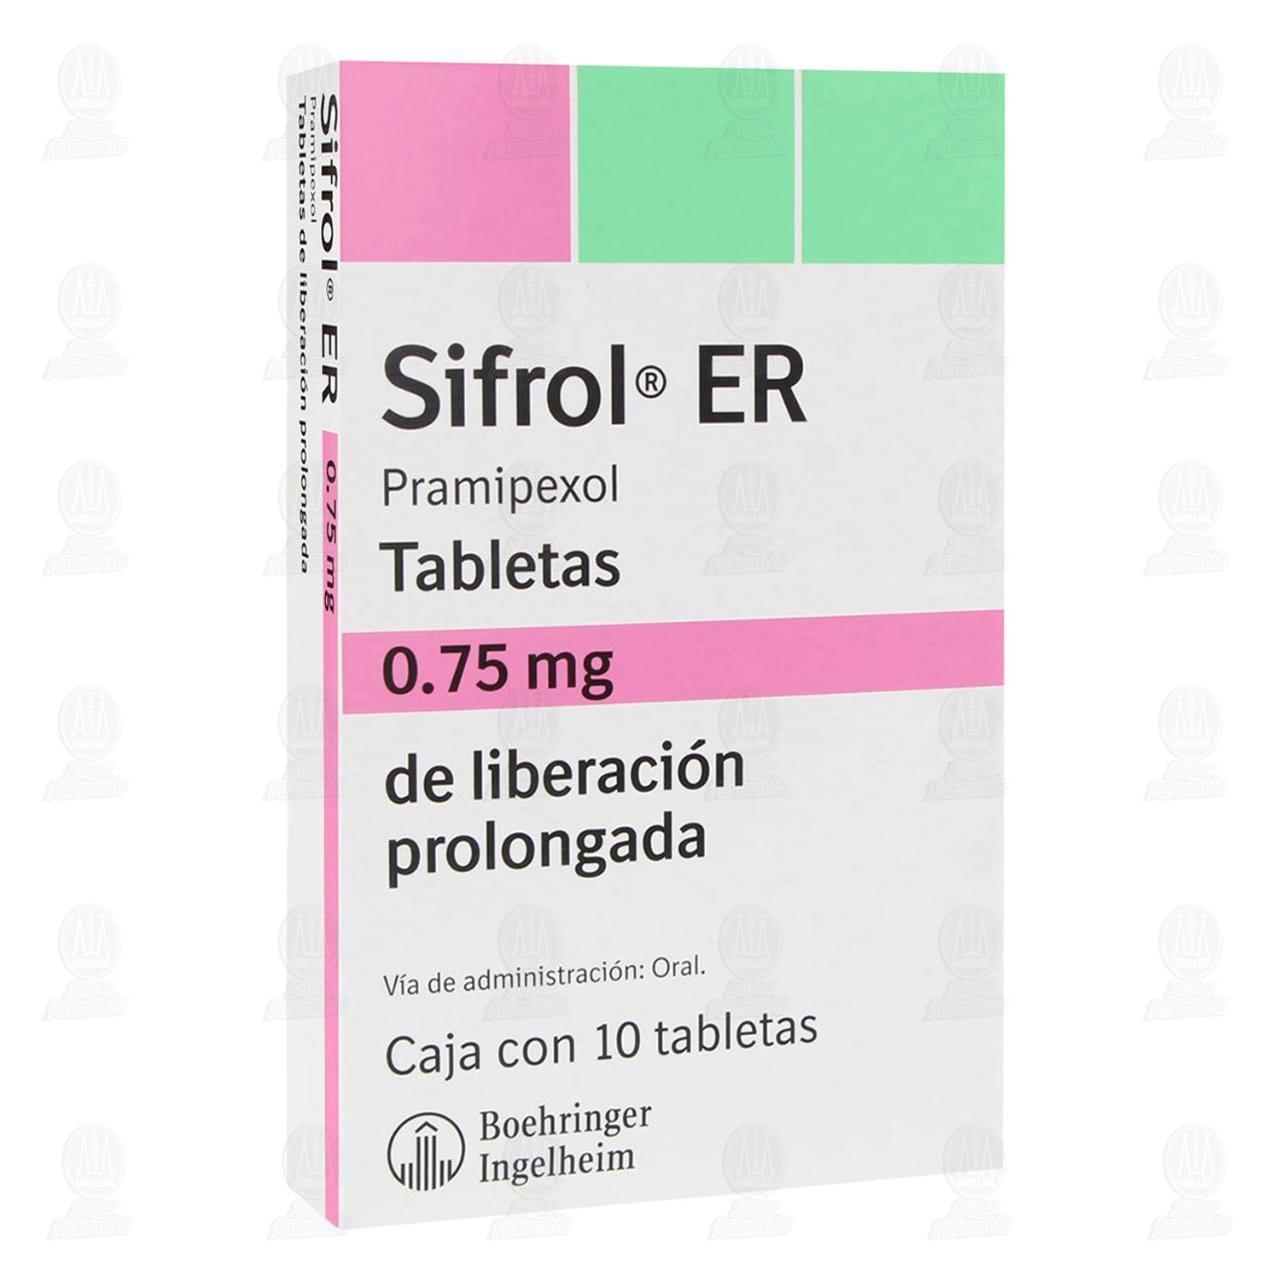 Comprar Sifrol ER 0.75mg 10 Tabletas Liberación Prolongada en Farmacias Guadalajara